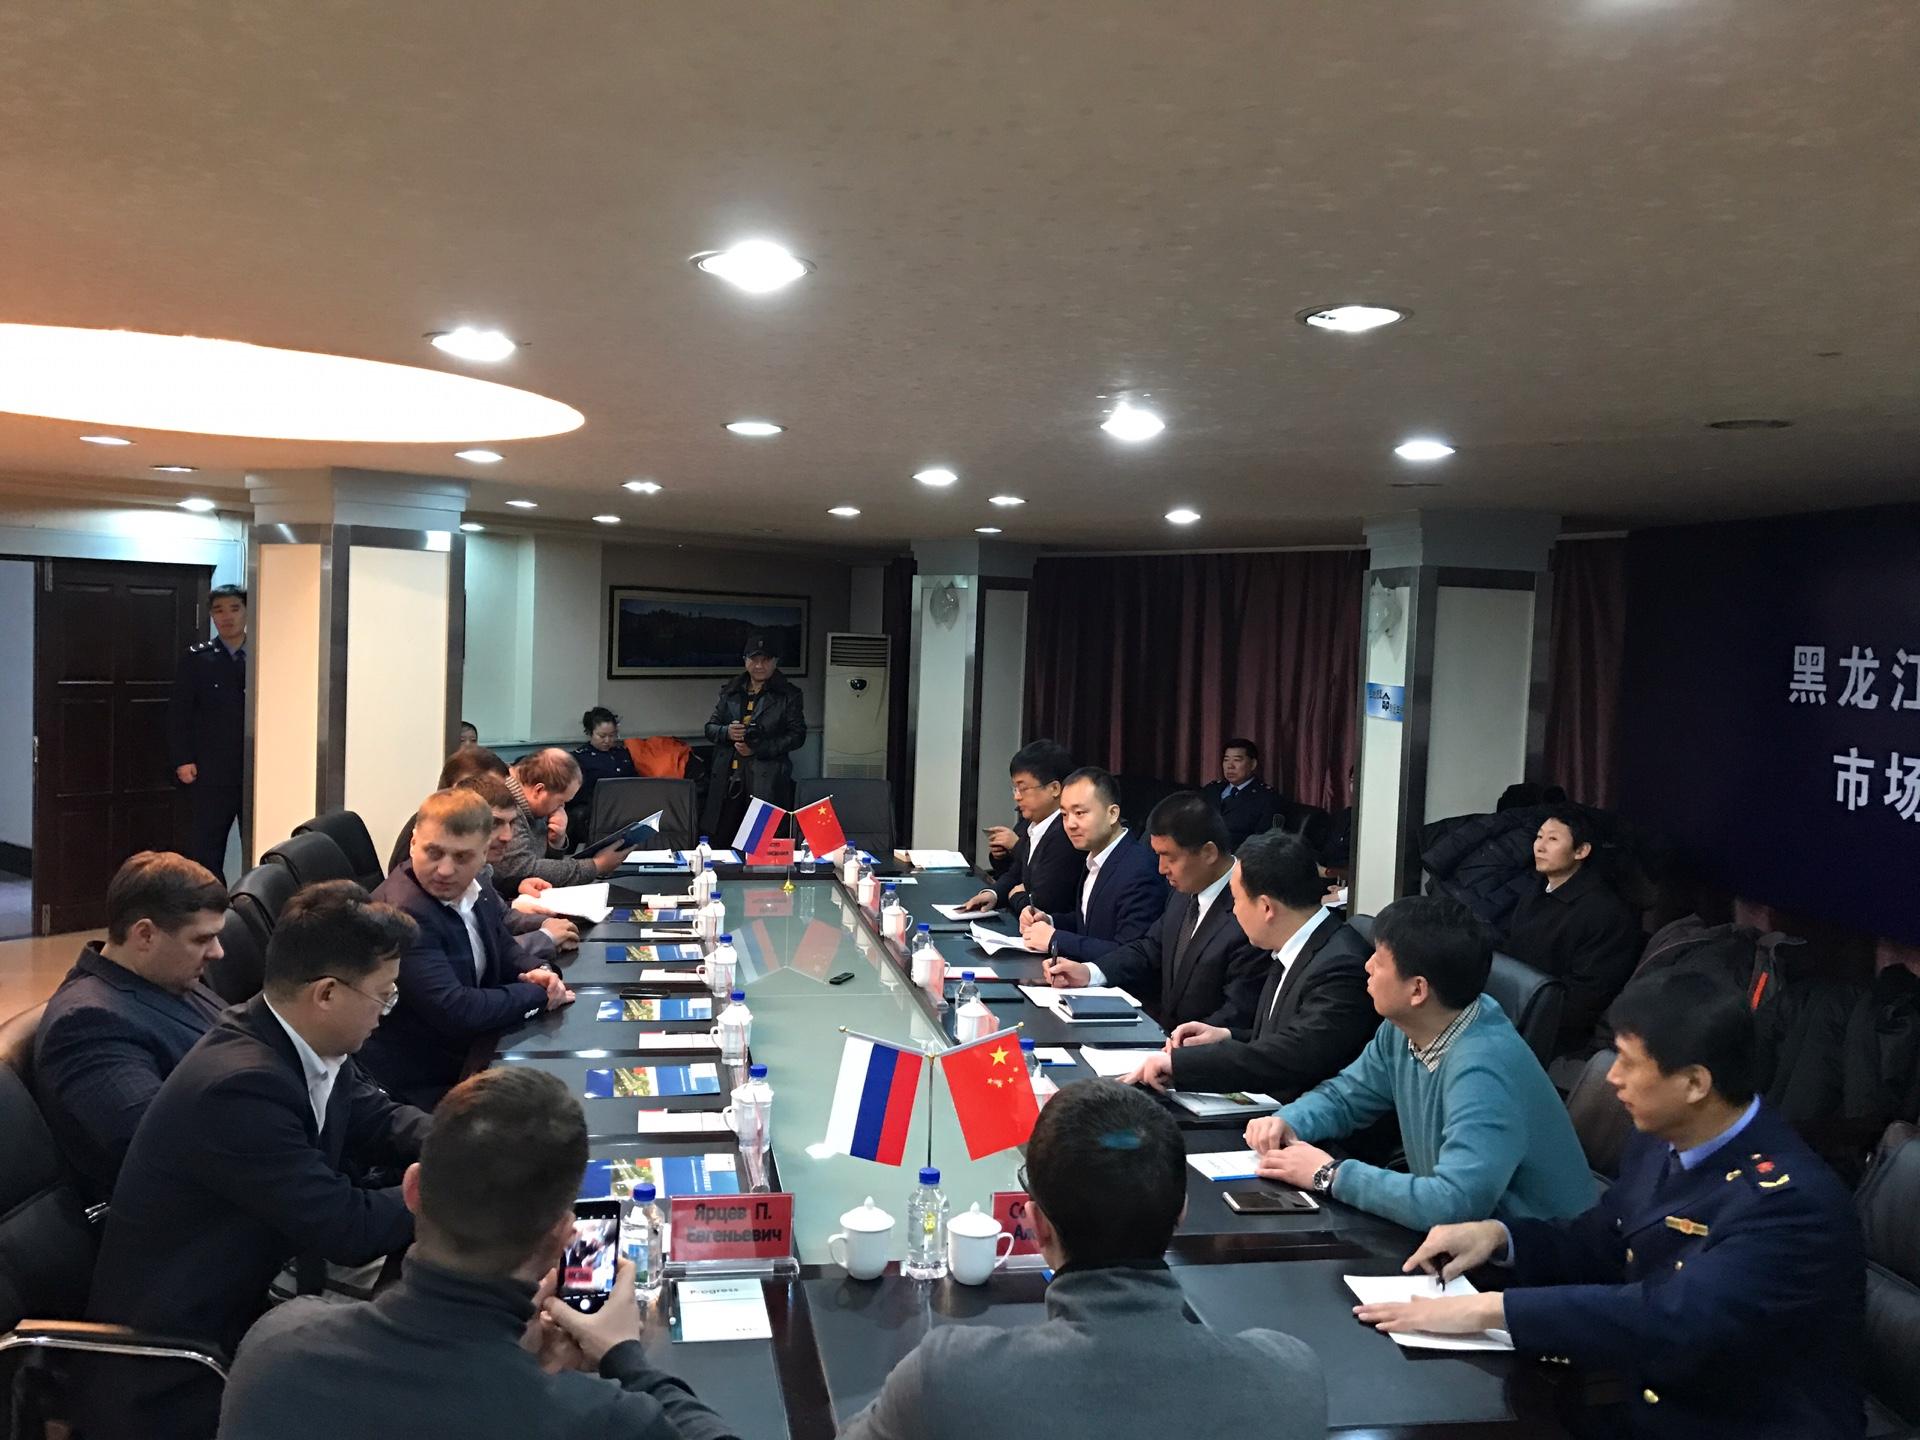 Приморская «ОПОРА РОССИИ» подписала соглашение о сотрудничестве с Управлением по надзору за рынком г. Суйфэньхэ КНР